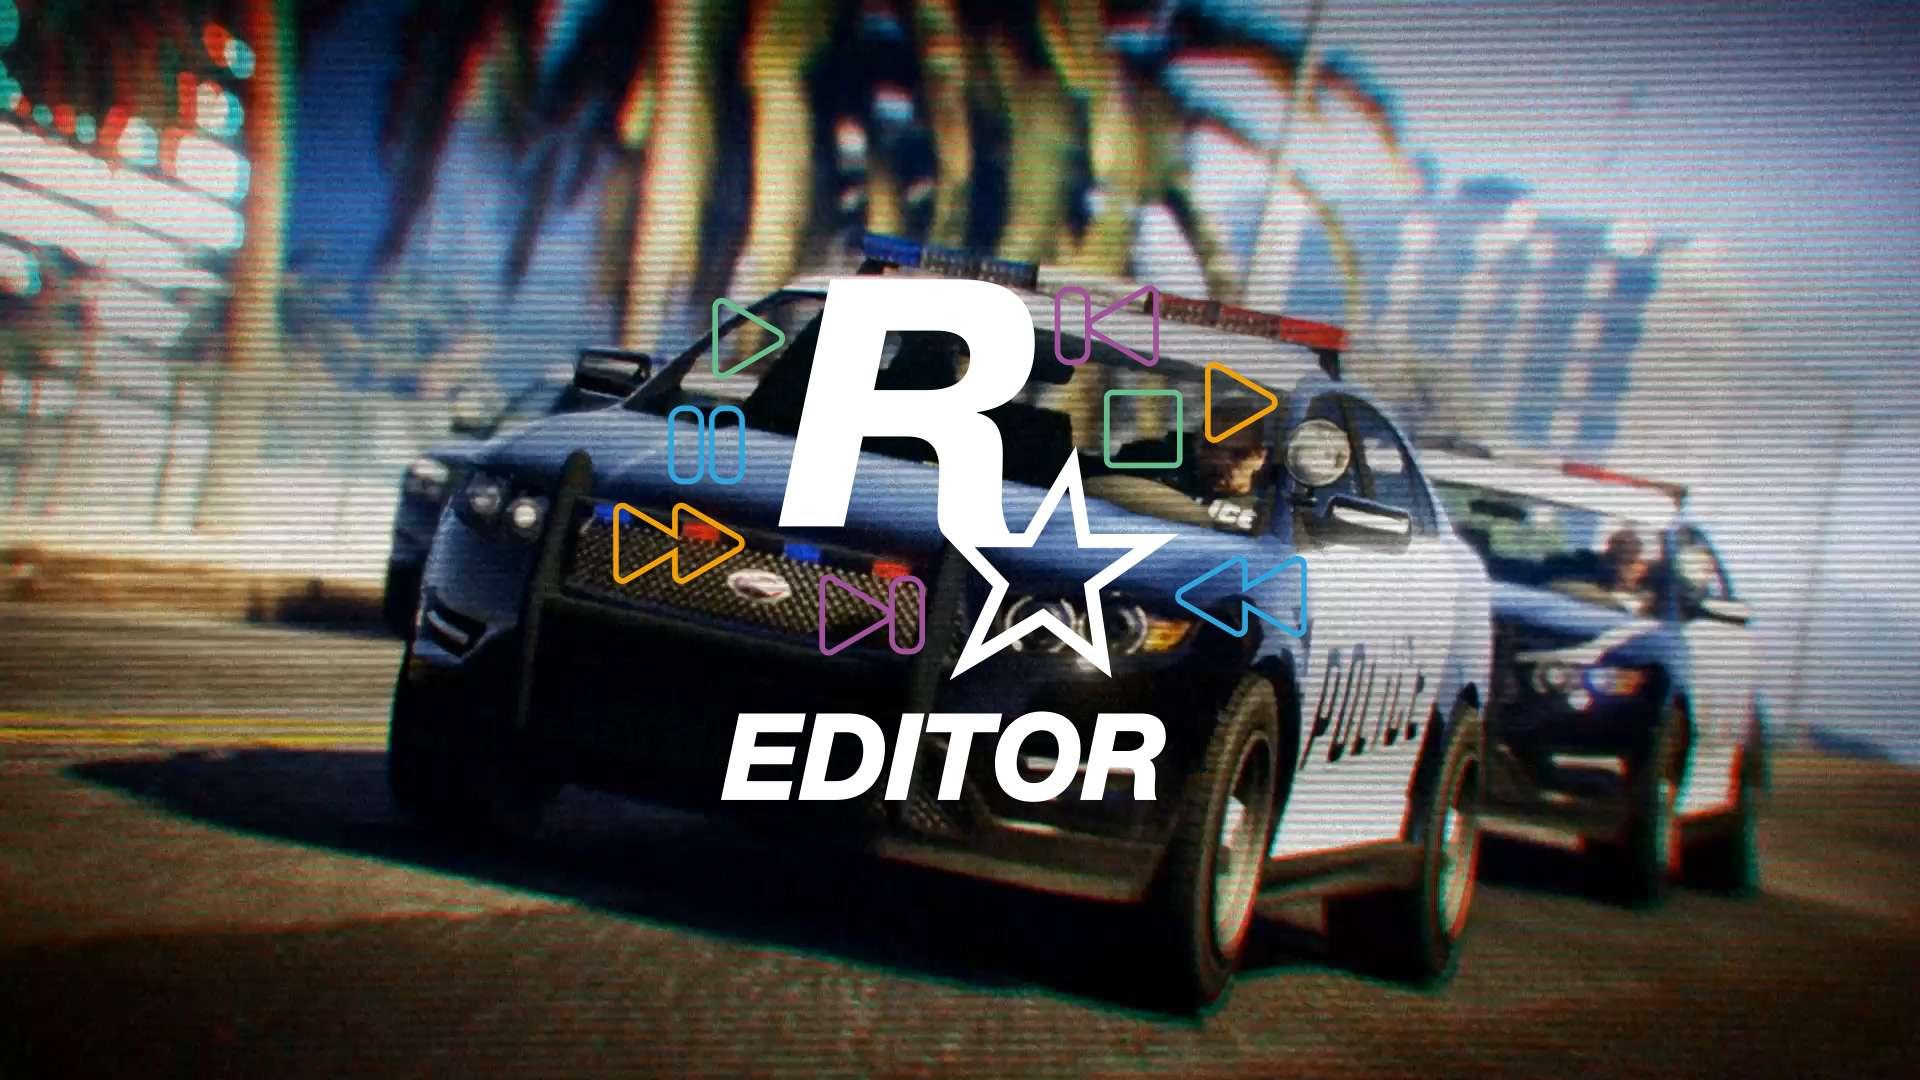 """Vidéos de fans de GTA V : Retour du Ninja du BMX, """"A Thrust For Glory"""", """"Midnight Driver"""" et plus... 52416_10"""